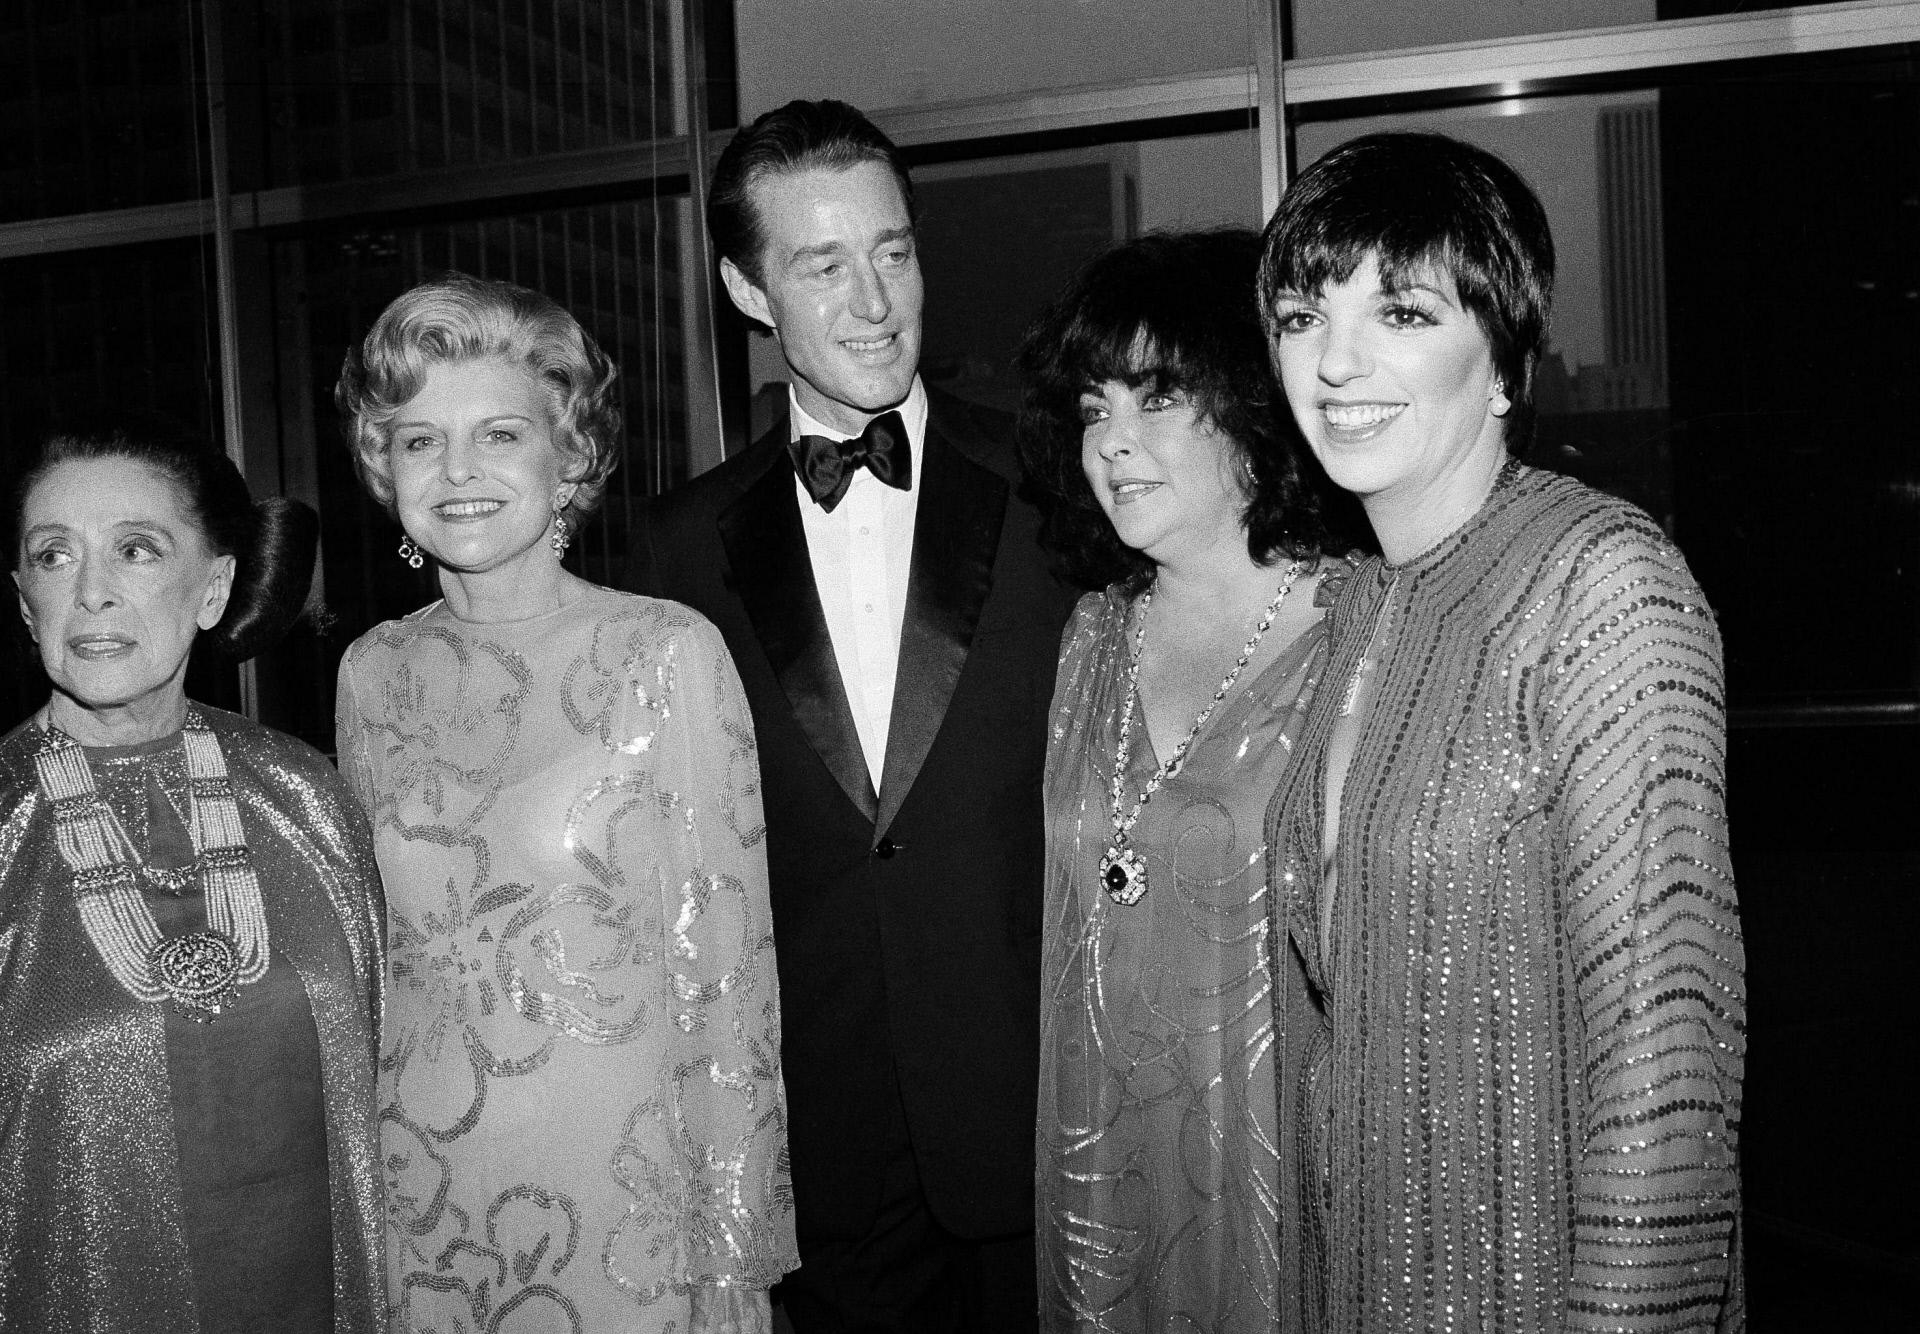 Roy Halston, en el centro, junto a (de izq. a drch.) Martha Graham, Betty Ford, Elizabeth Taylor Warner y Liza Minnelli, en una foto de mayo del 79.